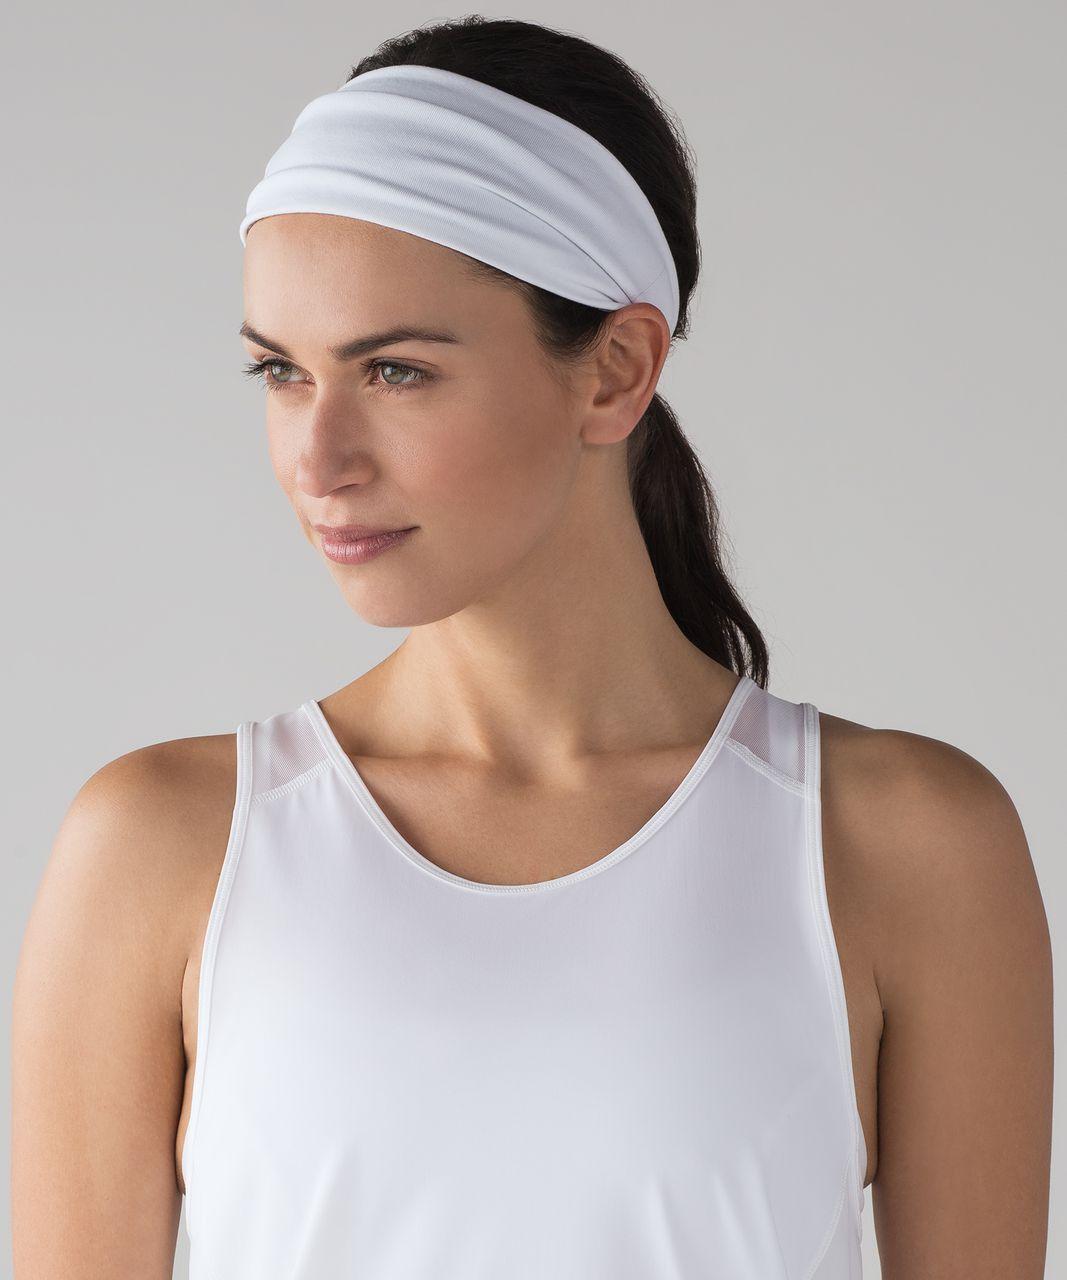 Lululemon Fringe Fighter Headband - White / Sheer Luon Pebble Jacquard V2 Arctic Grey Ice Grey